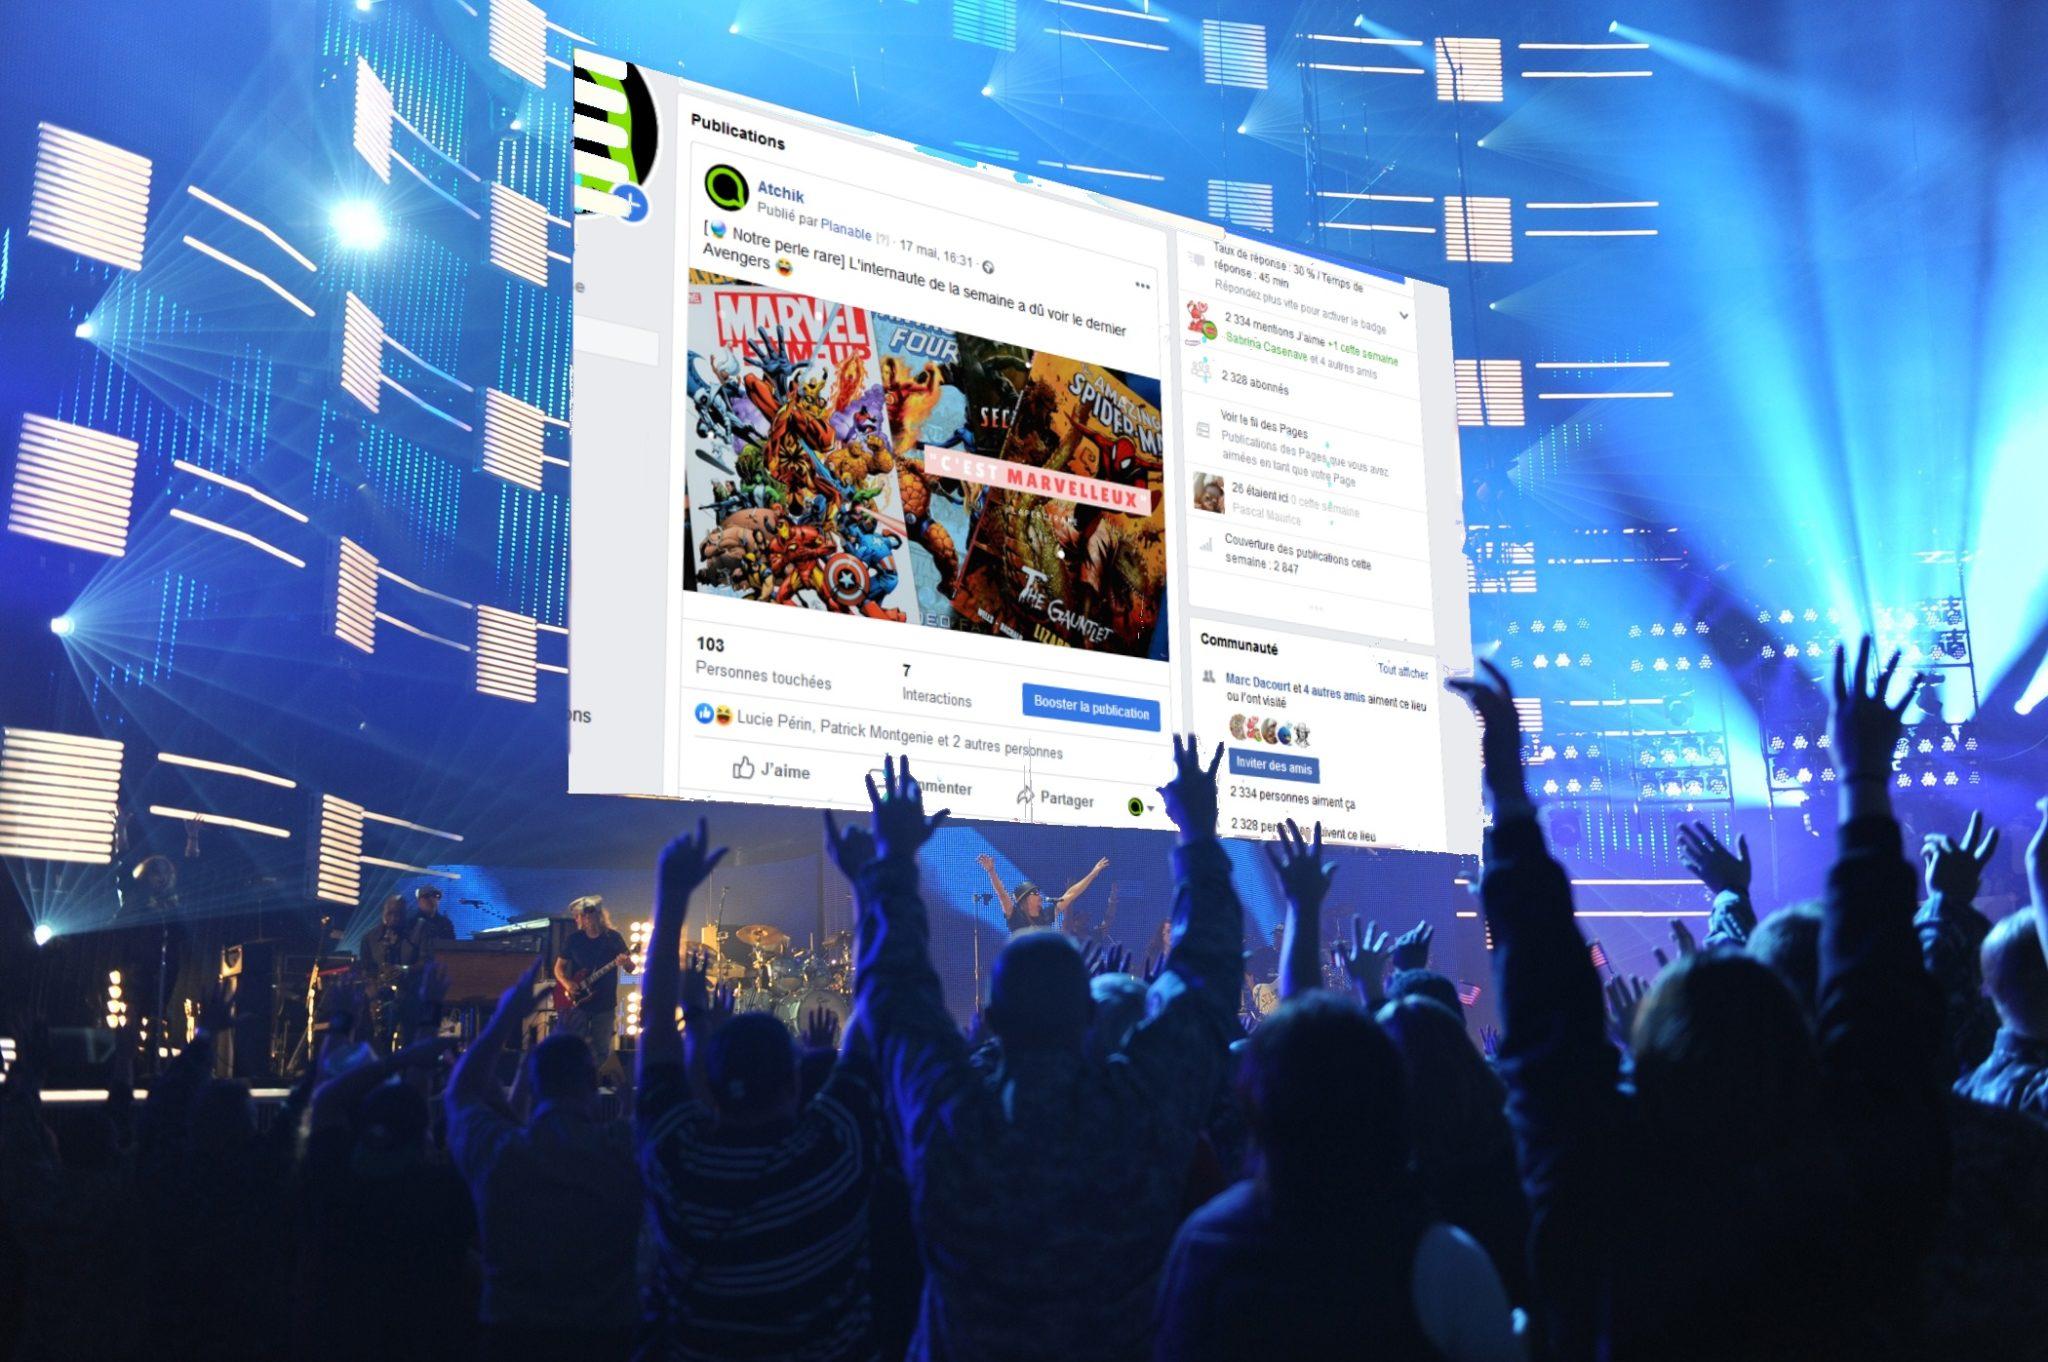 Modération Facebook : gardez-moi de mes super fans…